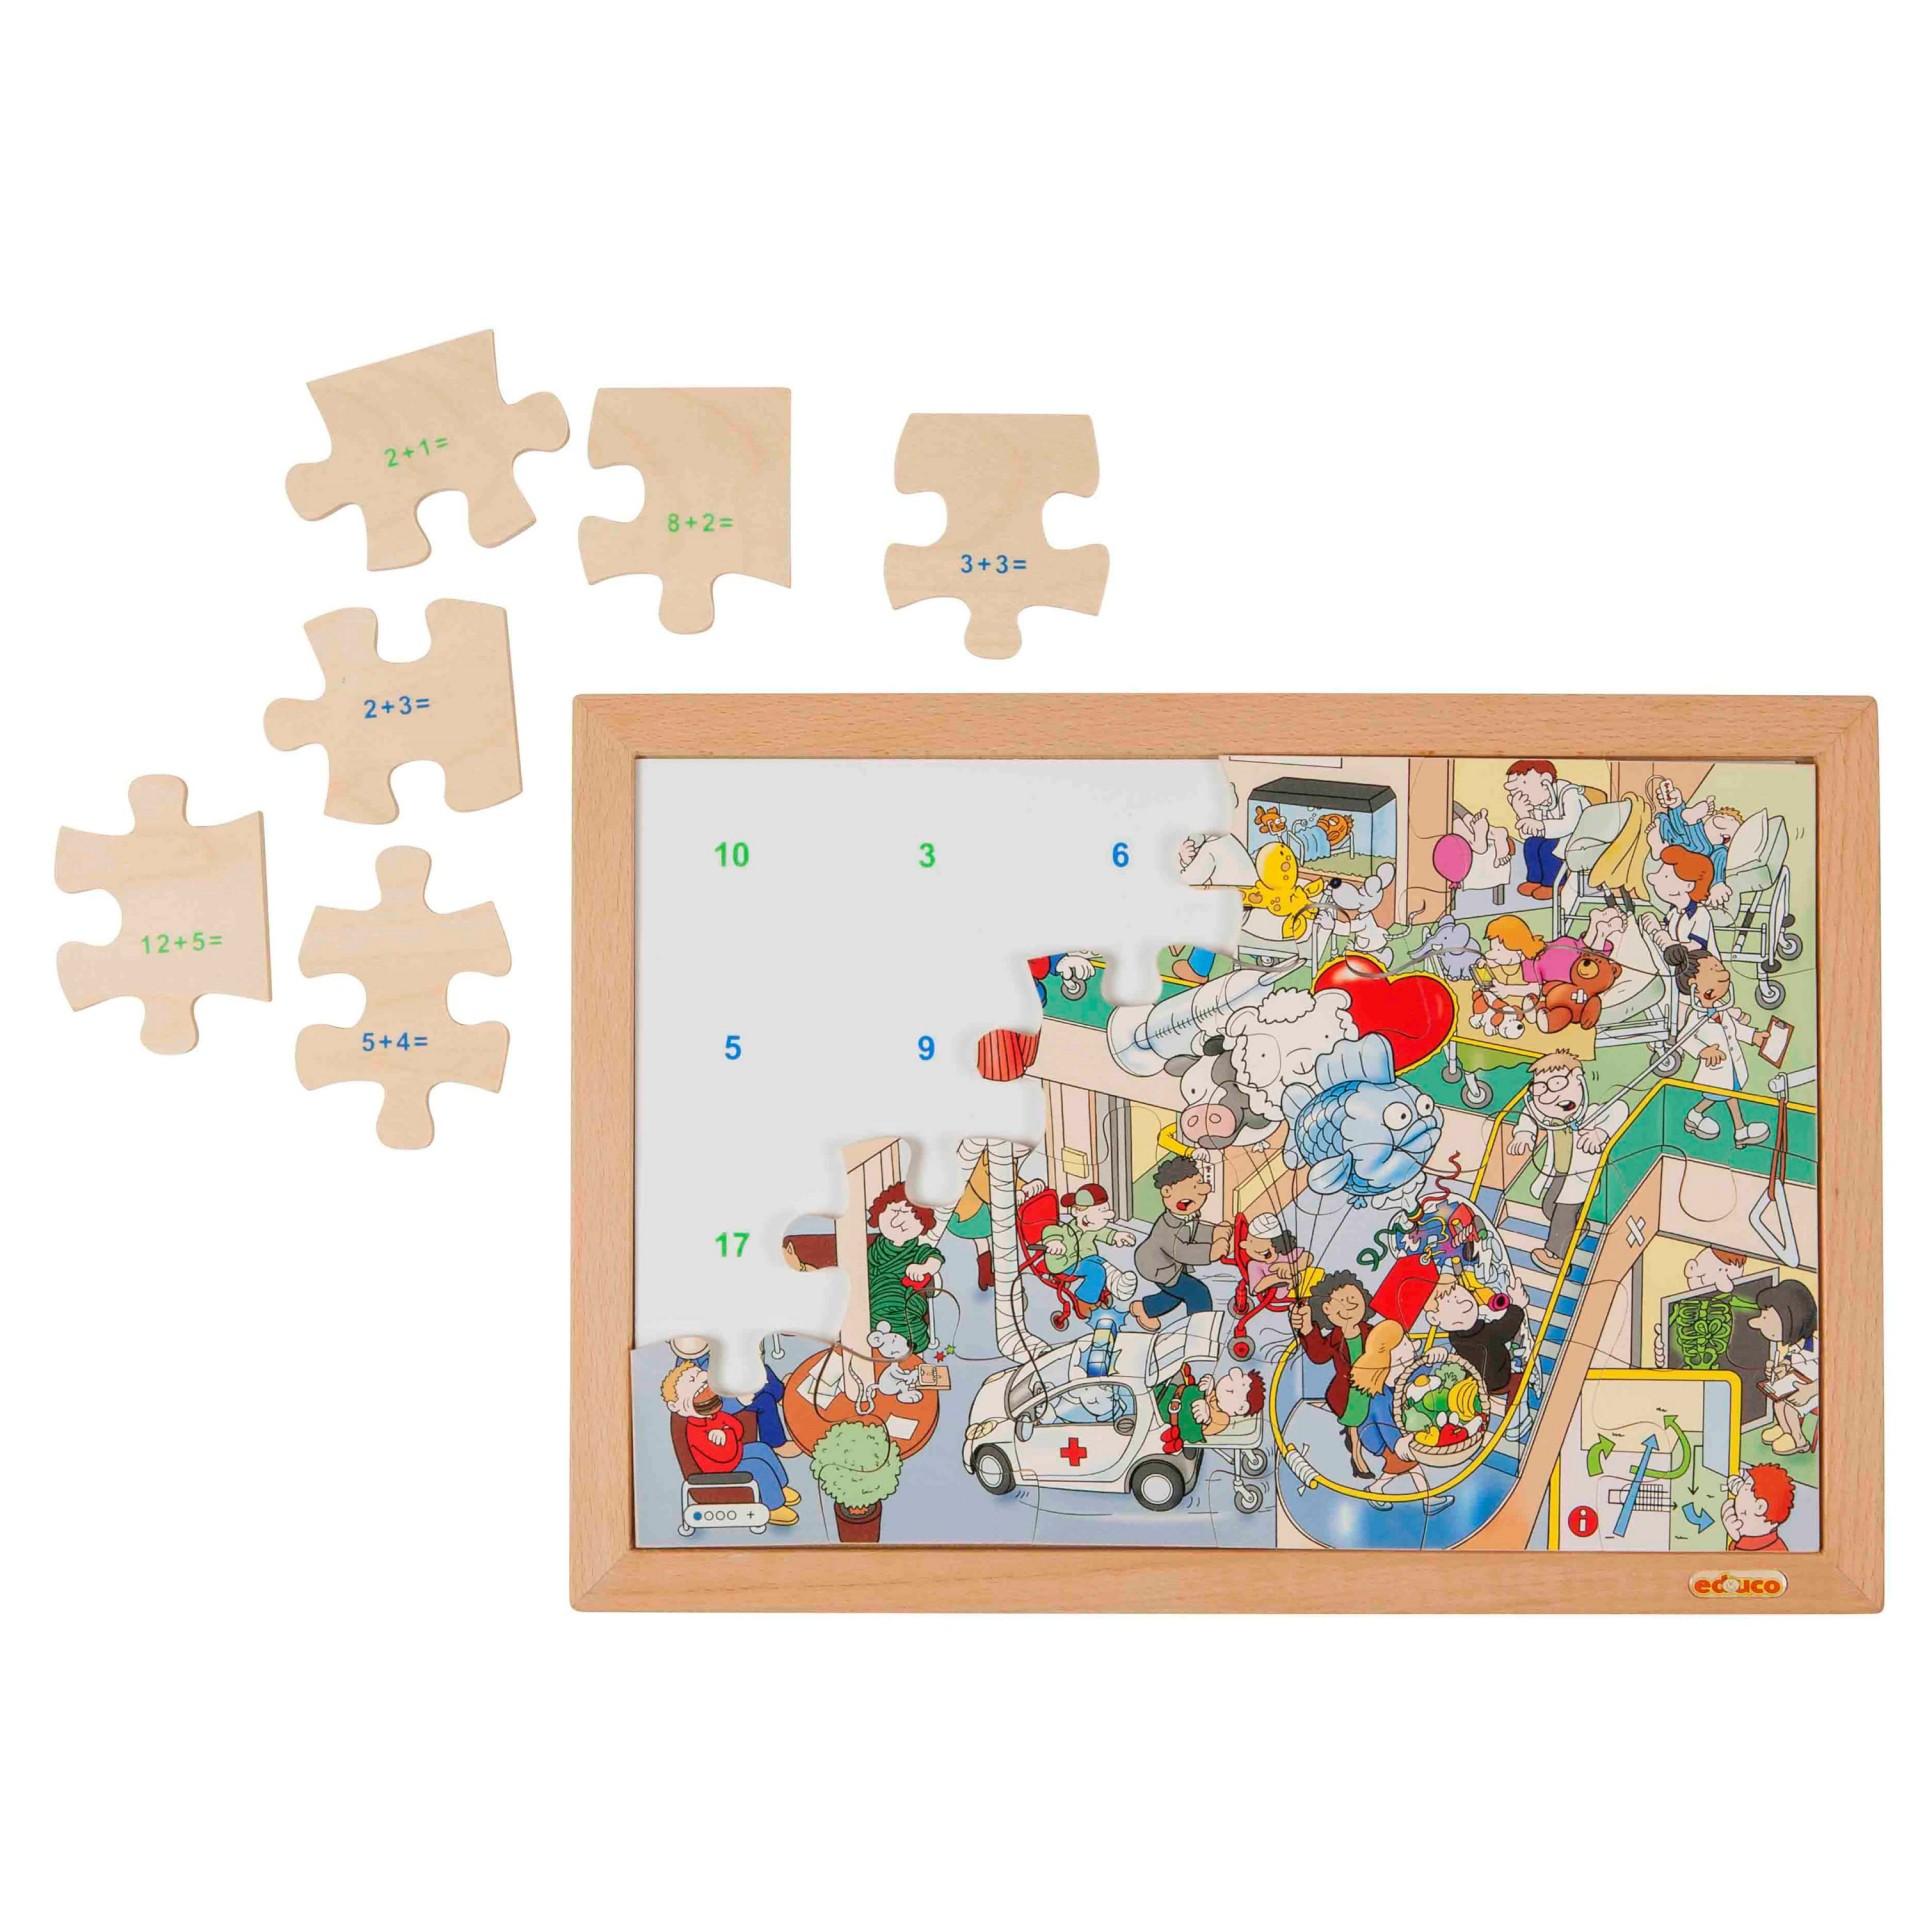 Clínica Animada - Puzzle da Matemática Adição e Subtração até 20